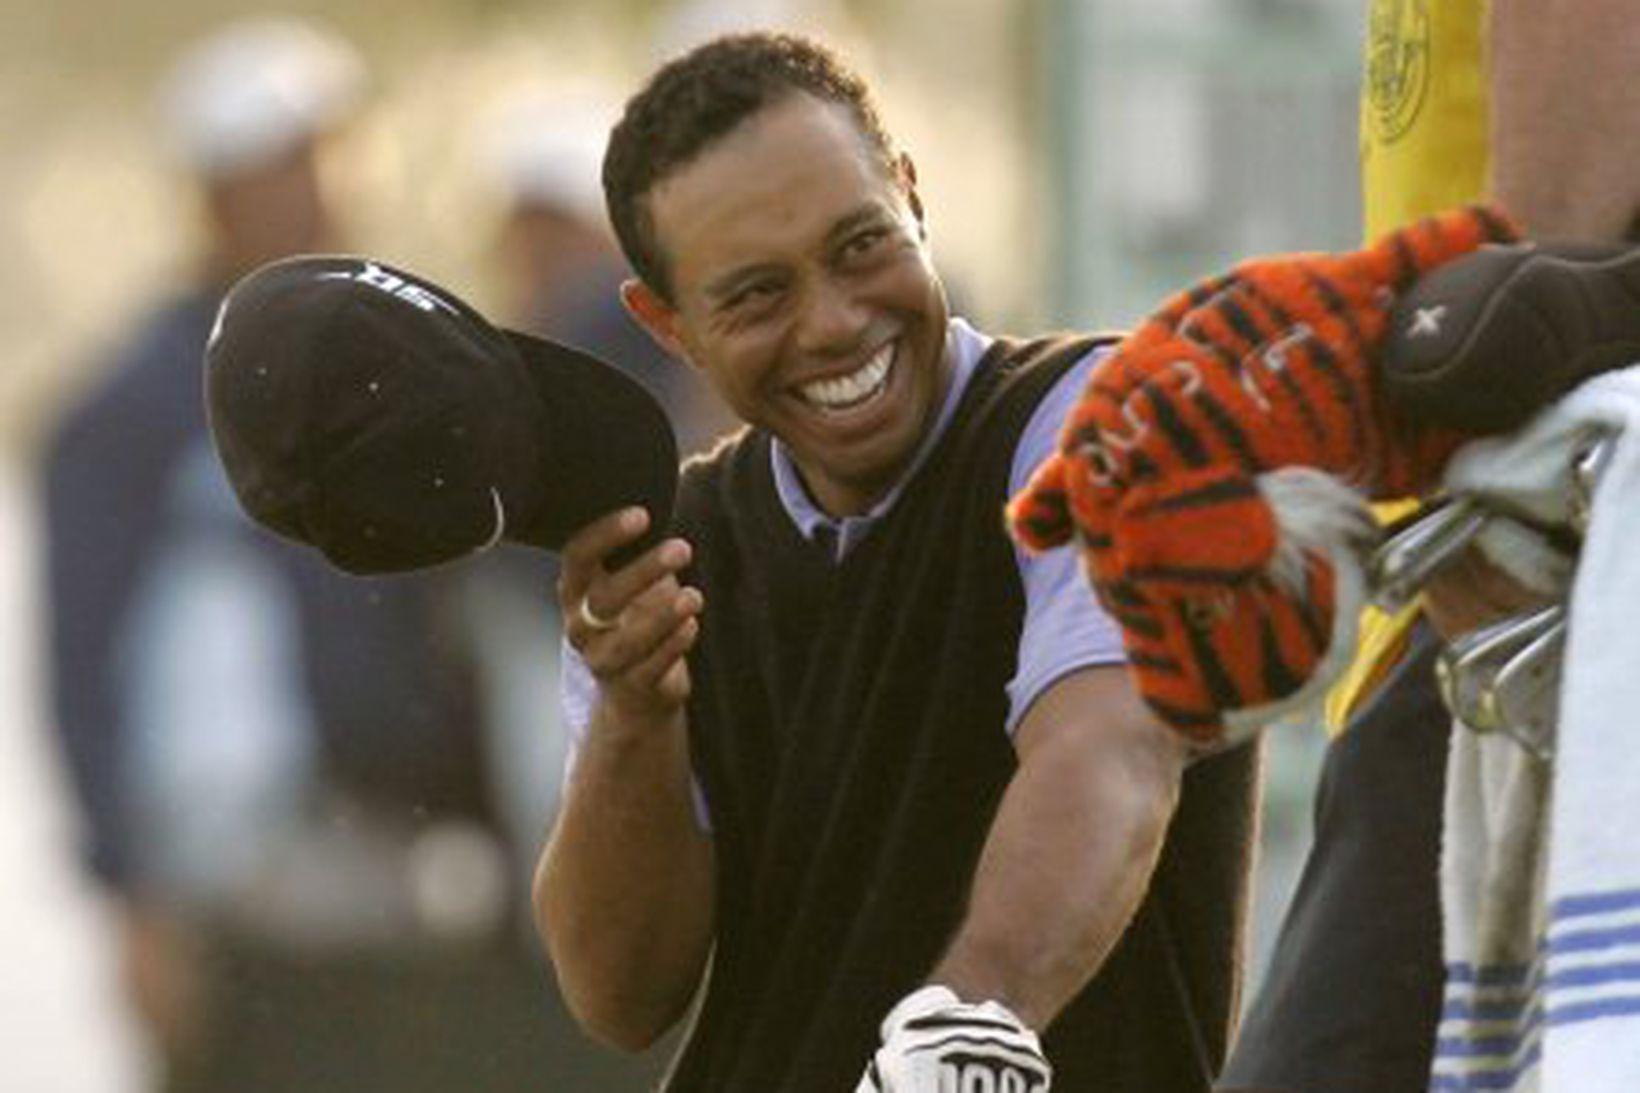 Tiger mættur aftur leik leiks í golfið en ekki alveg …